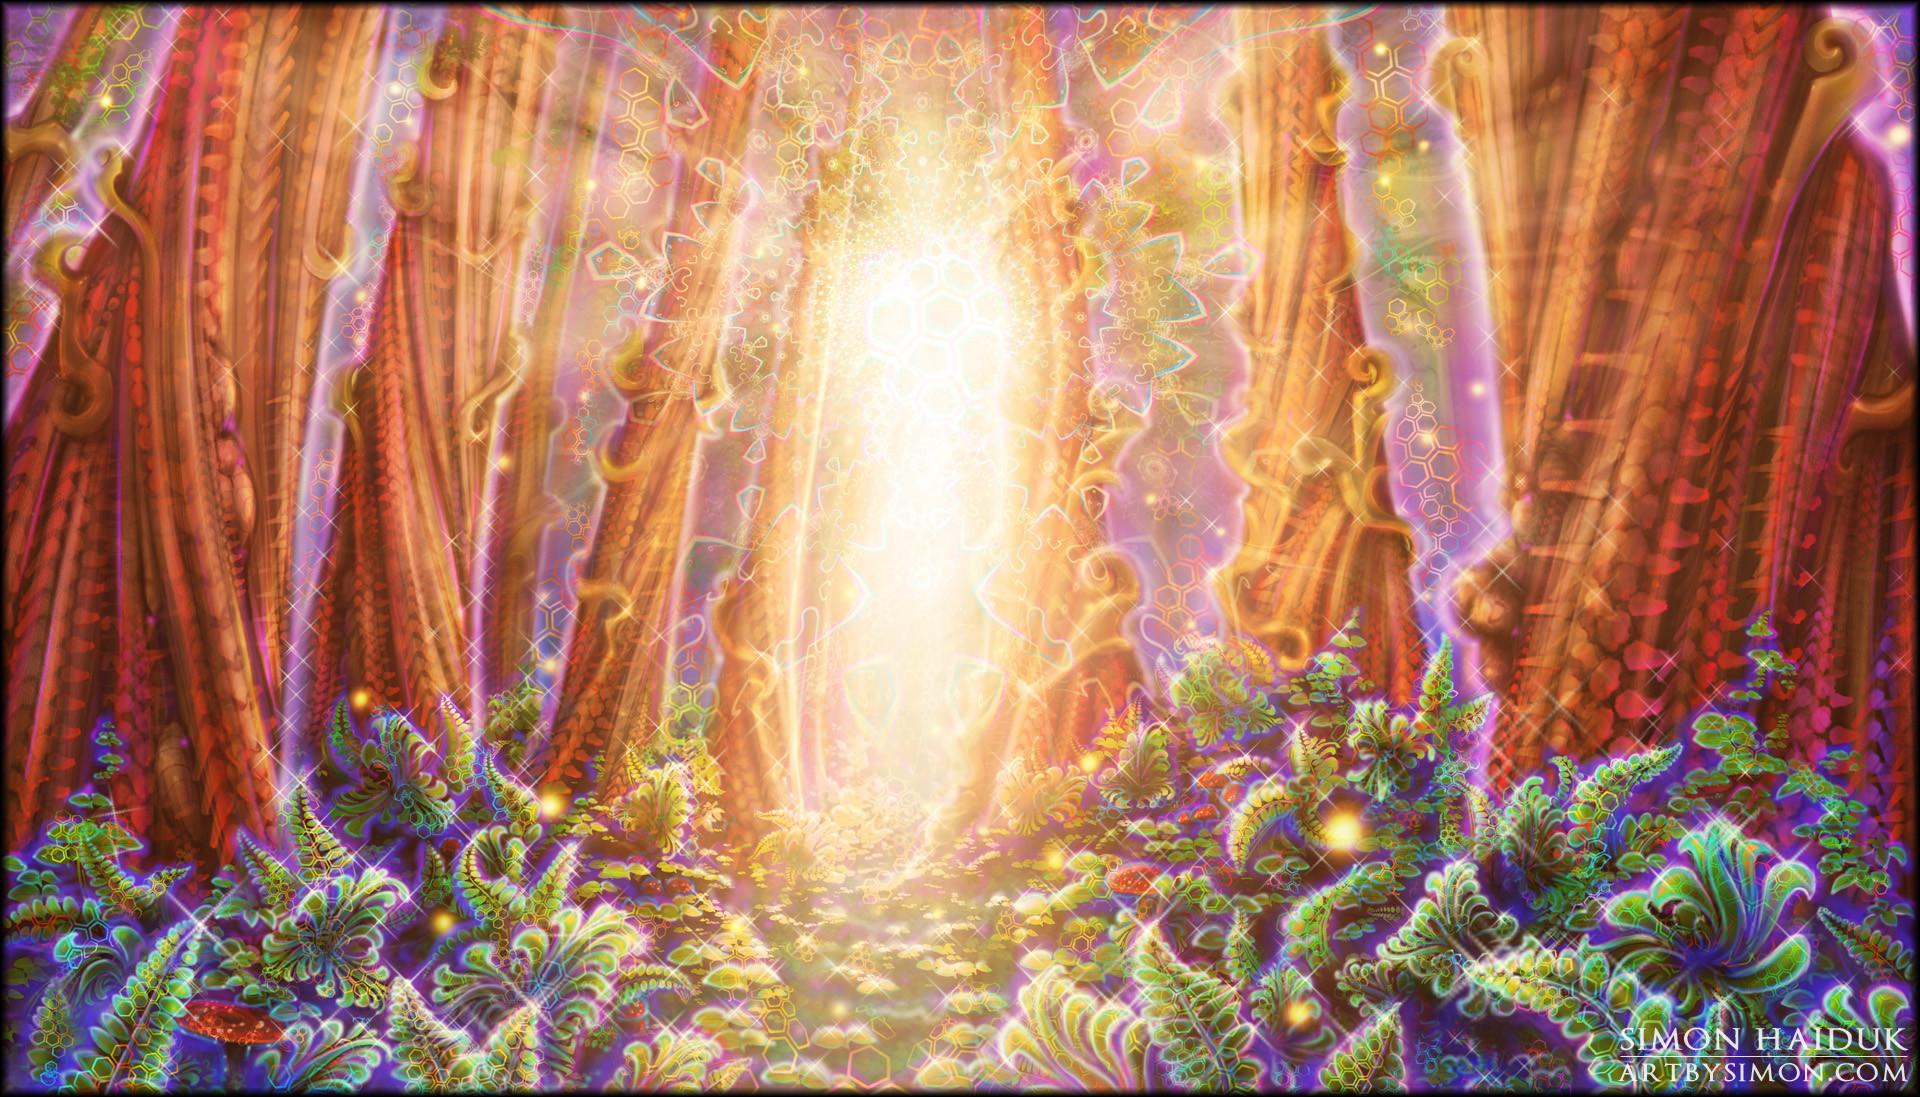 Trippy Mushroom Wallpaper 61 Images